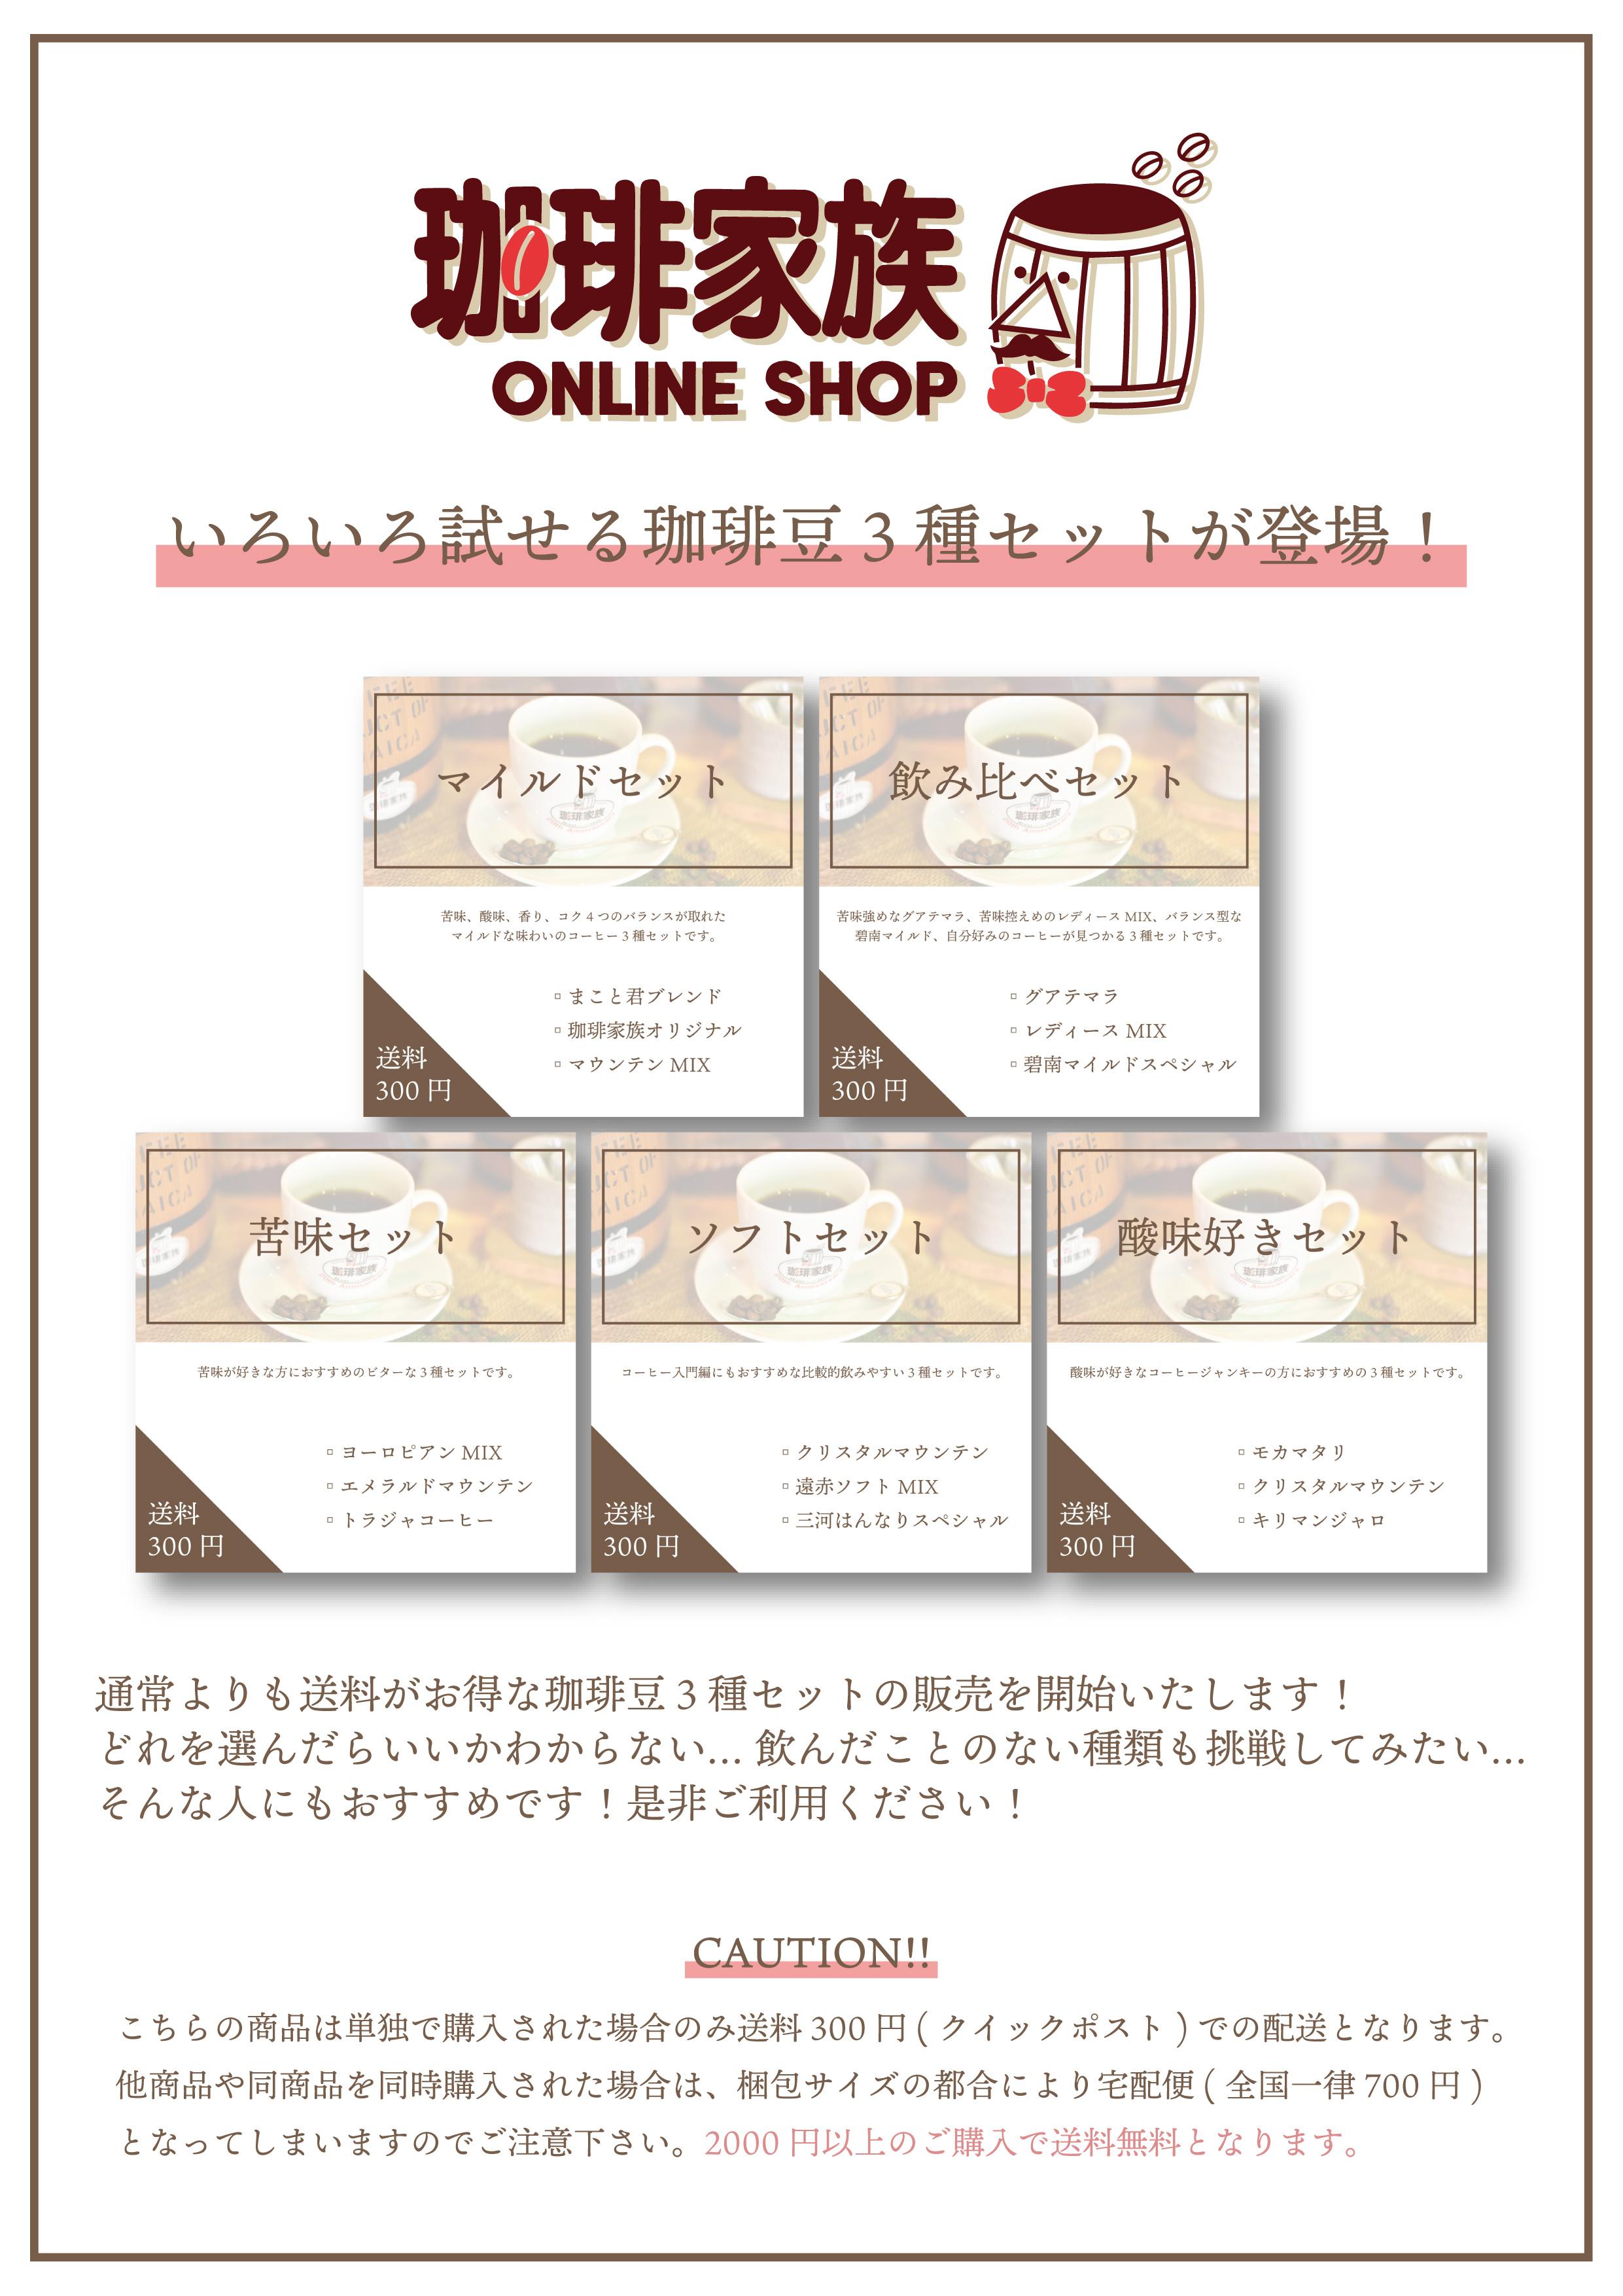 オンライン在庫追加、オンライン限定セット発売!